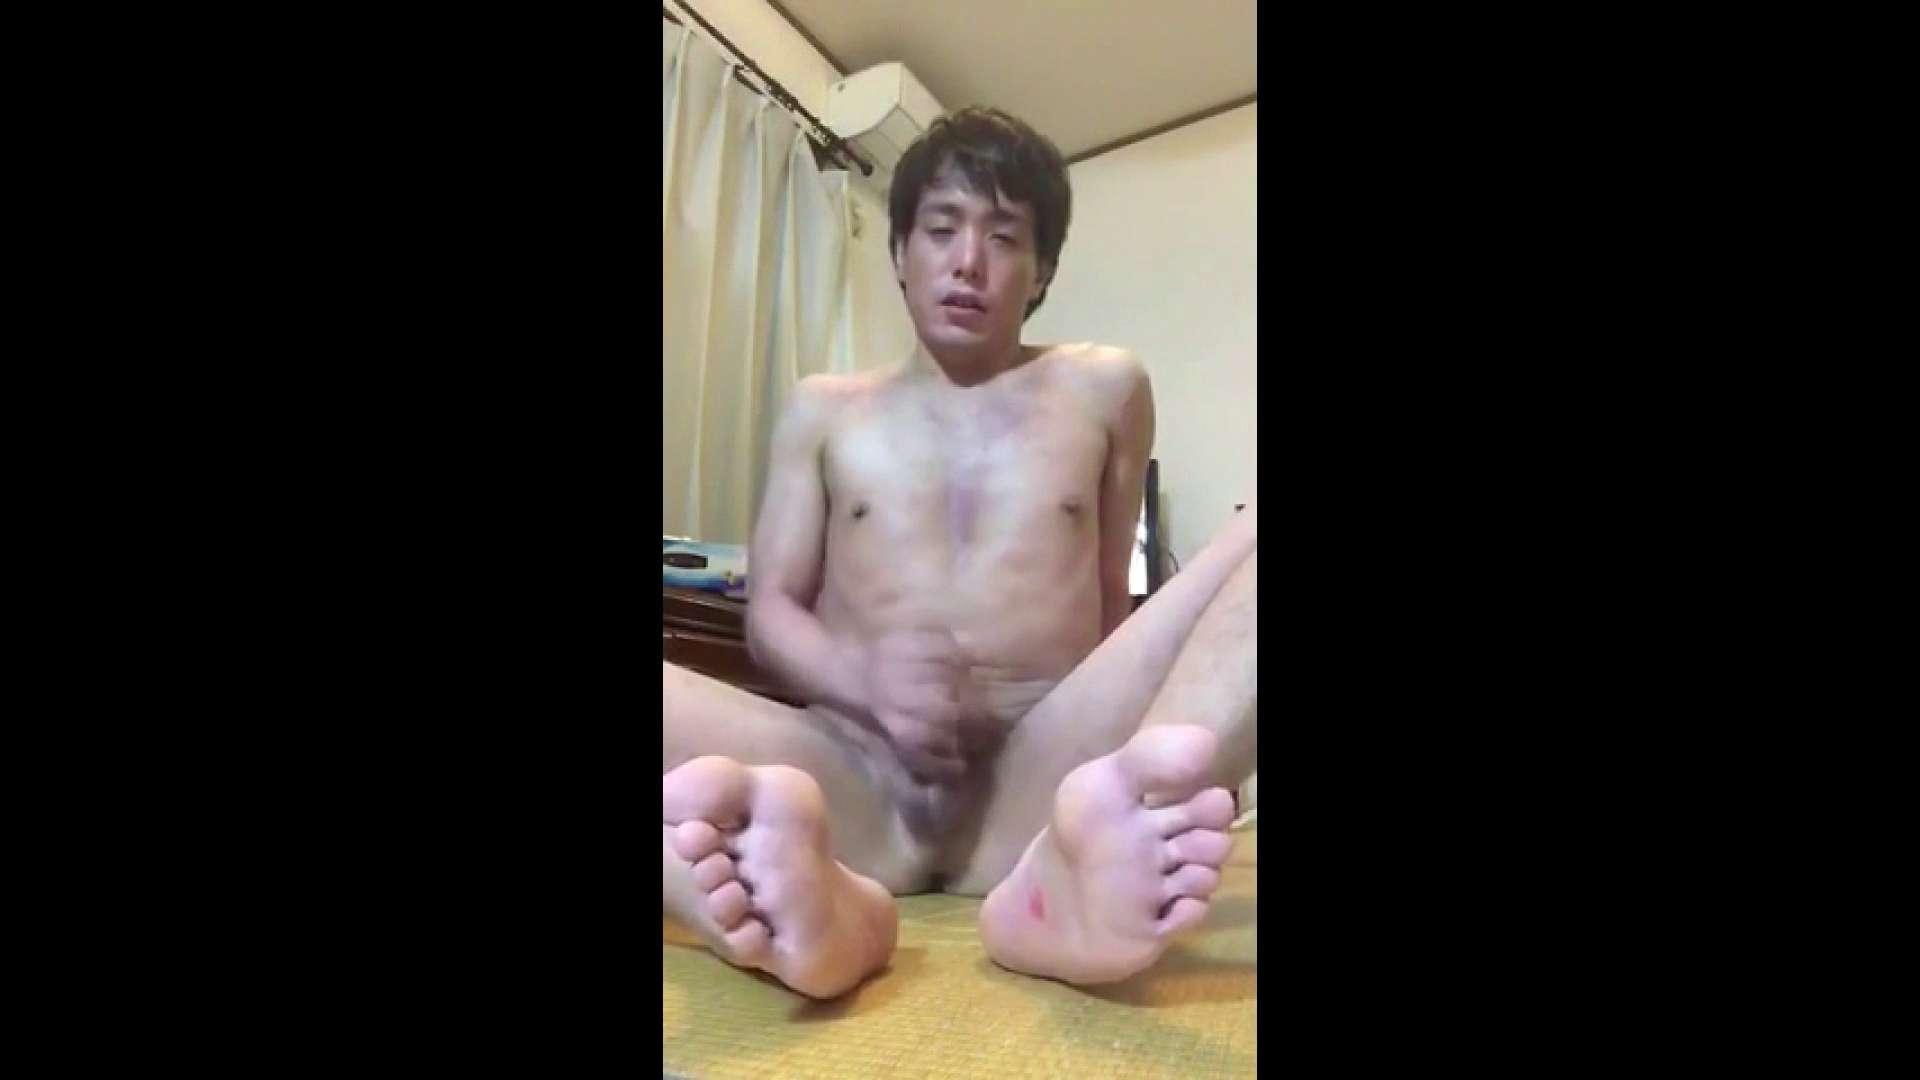 個人撮影 自慰の極意 Vol.30 モザイク無し ゲイエロ動画 87pic 9